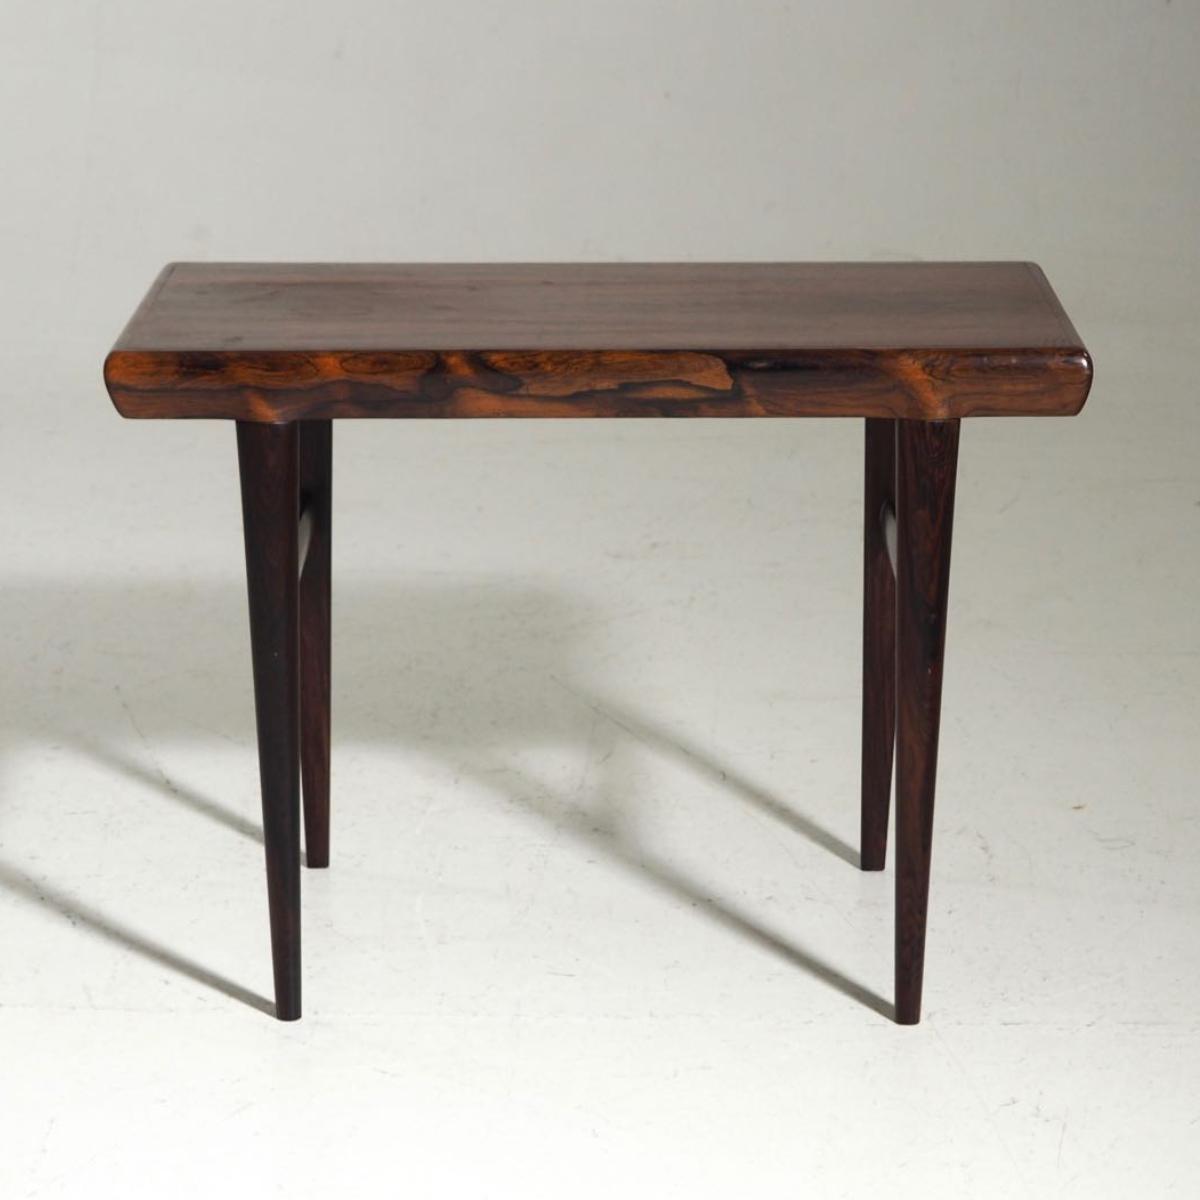 Modern Table - € 400